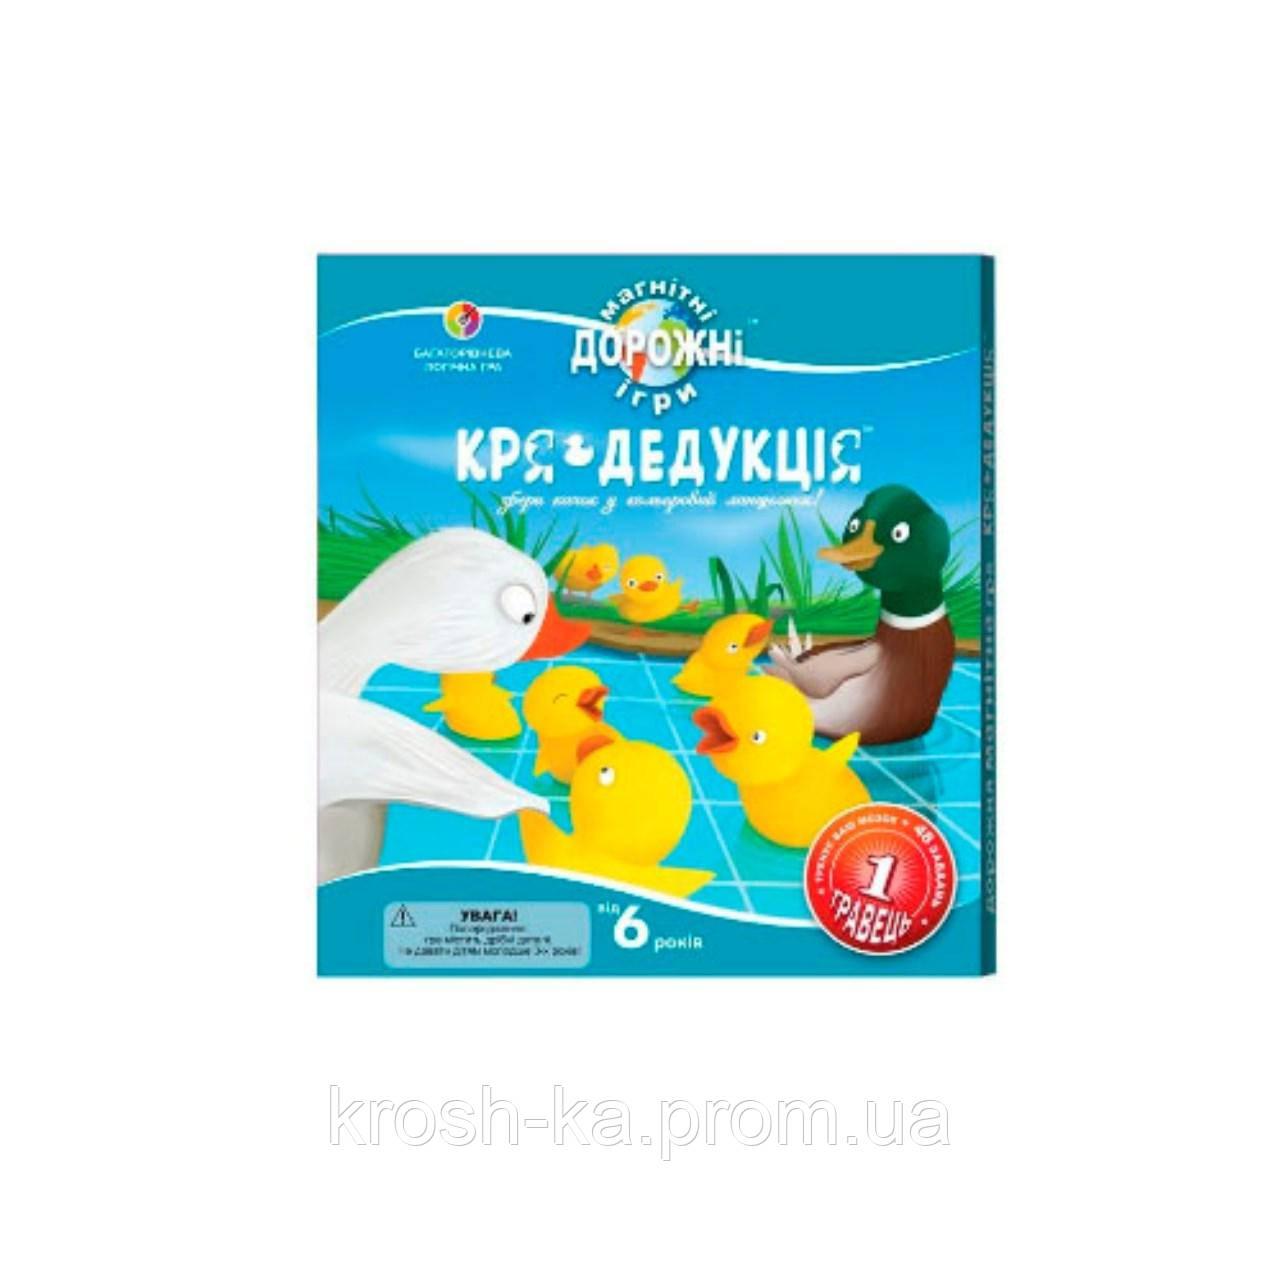 Магнитная дорожная игра Кря-дедукция 1 игрок Smart Games 270